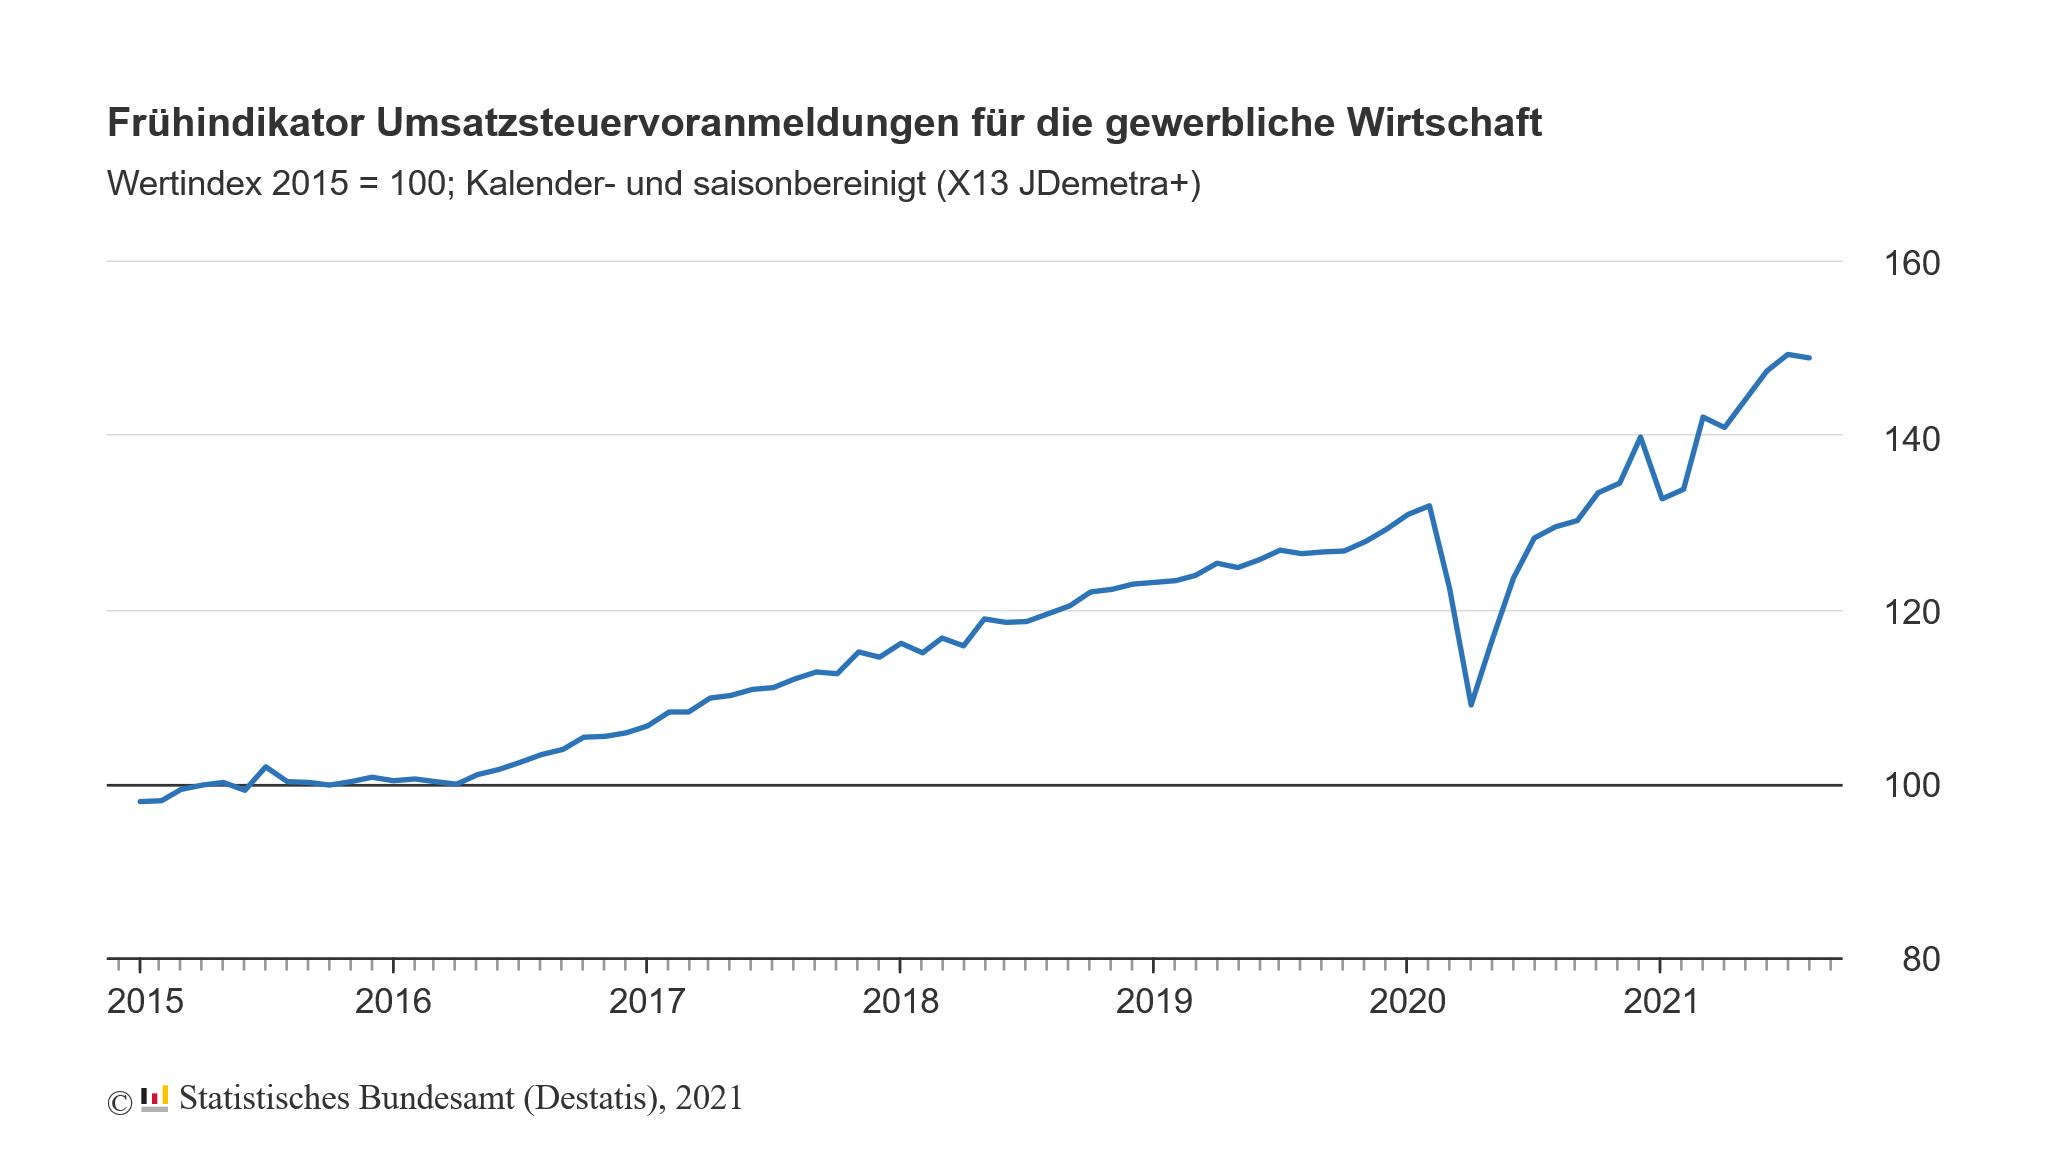 Umsatz der gewerblichen Wirtschaft in Deutschland